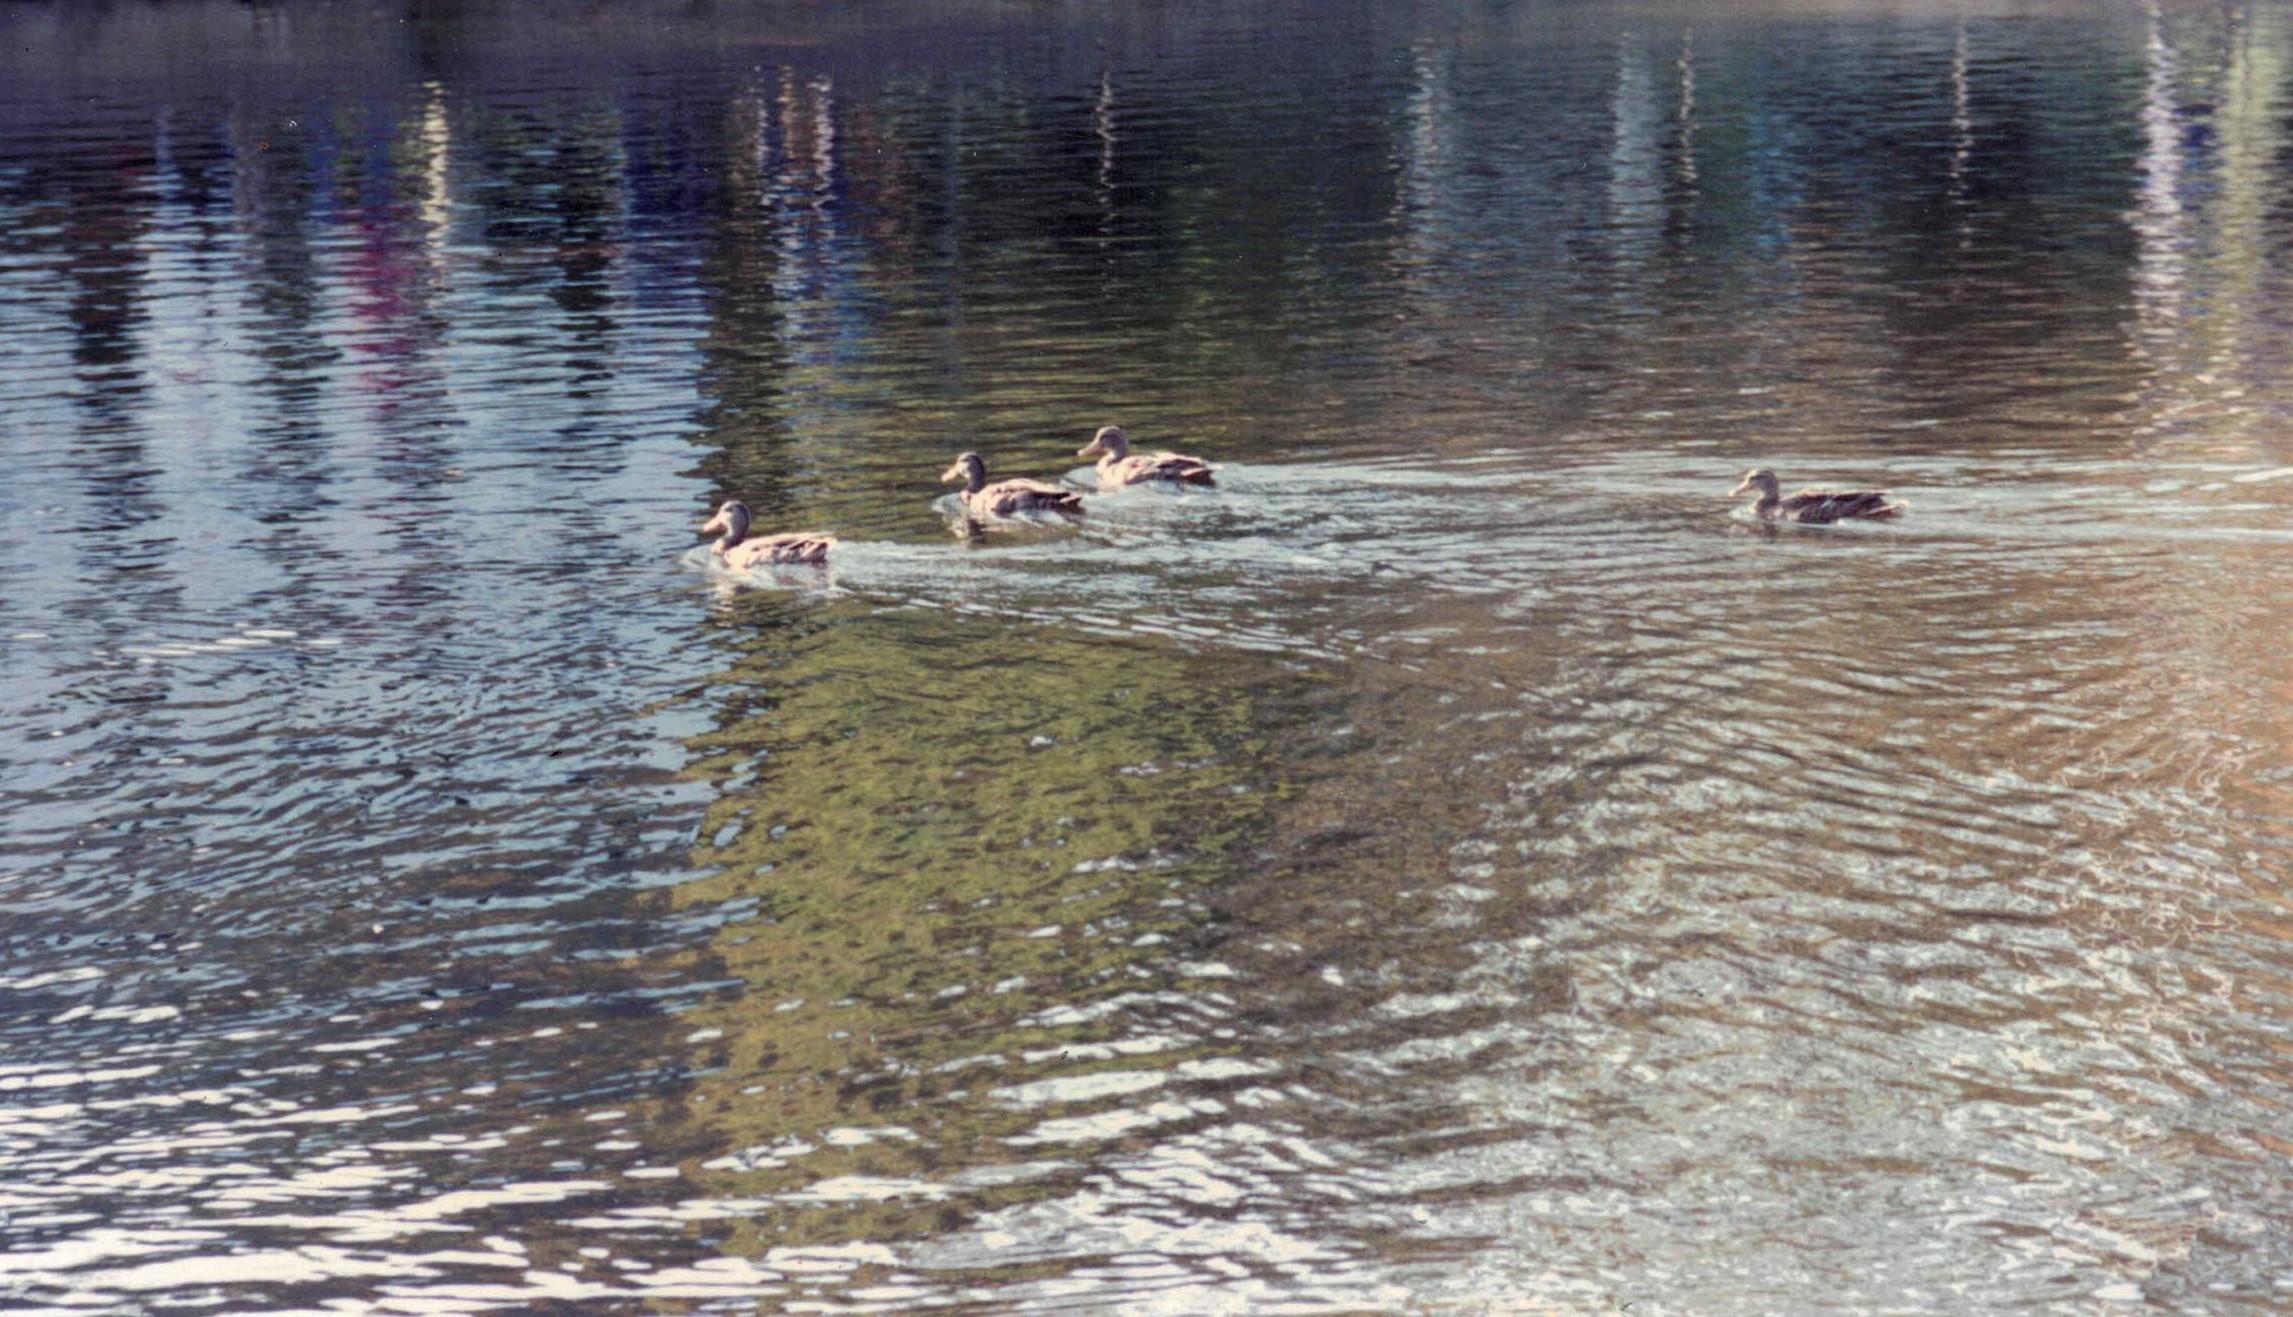 ducksswimming (2)